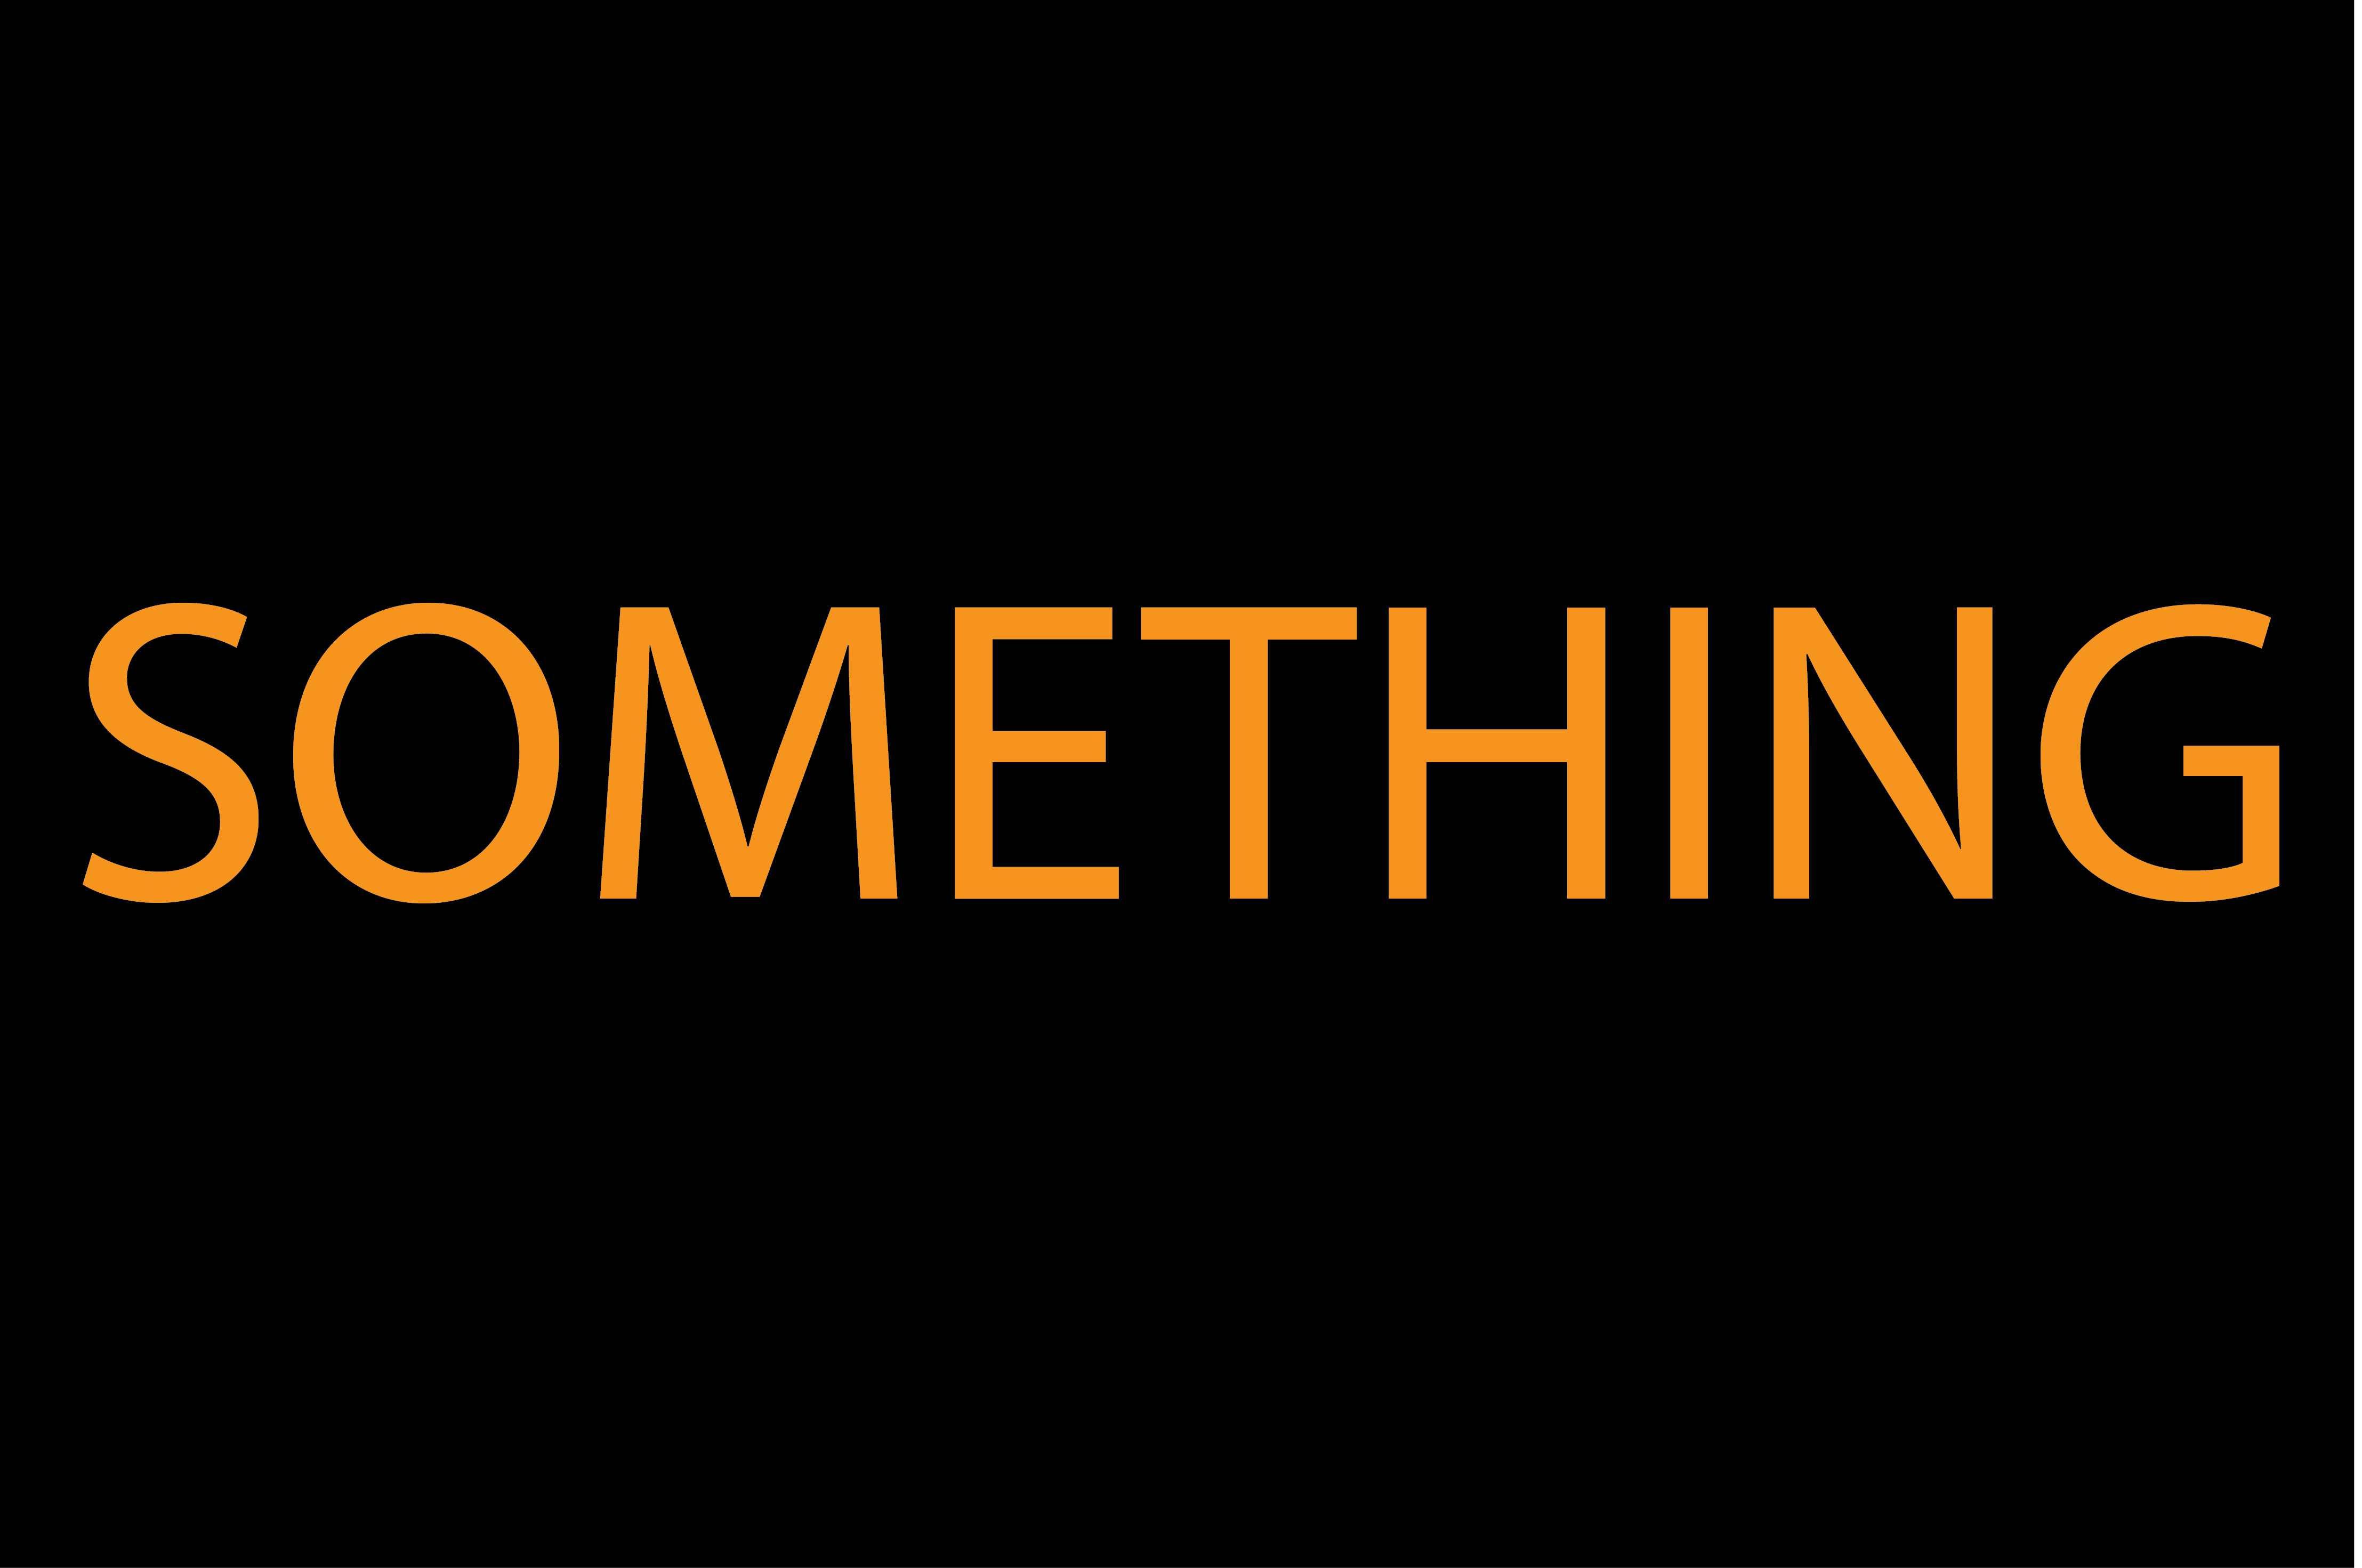 something-02.jpg